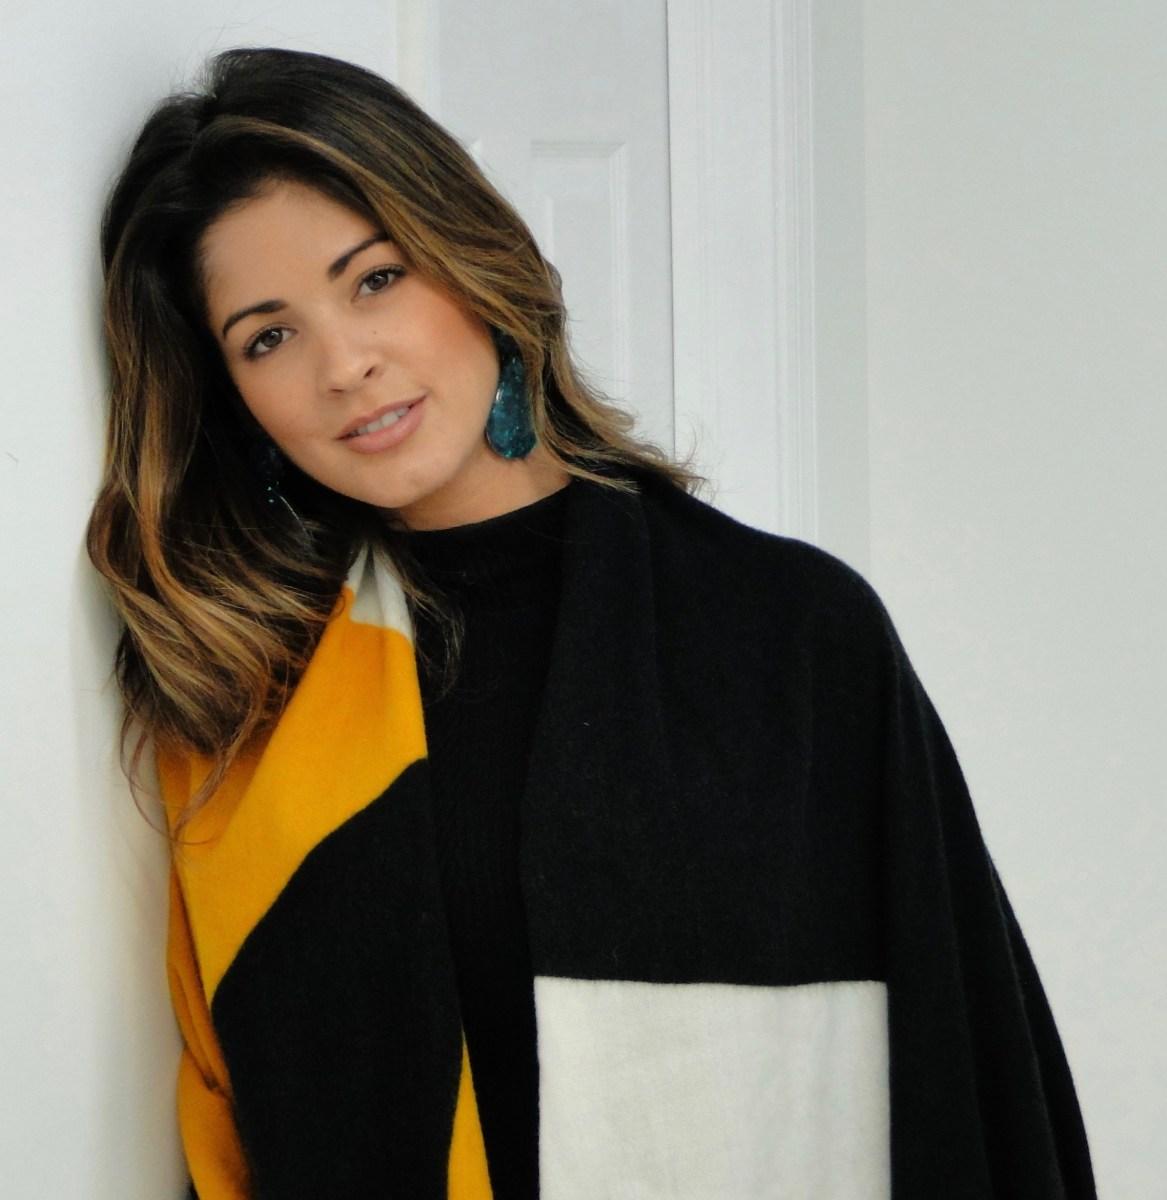 Conoce los secretos íntimos de la bella actriz cubana Mar Zamora